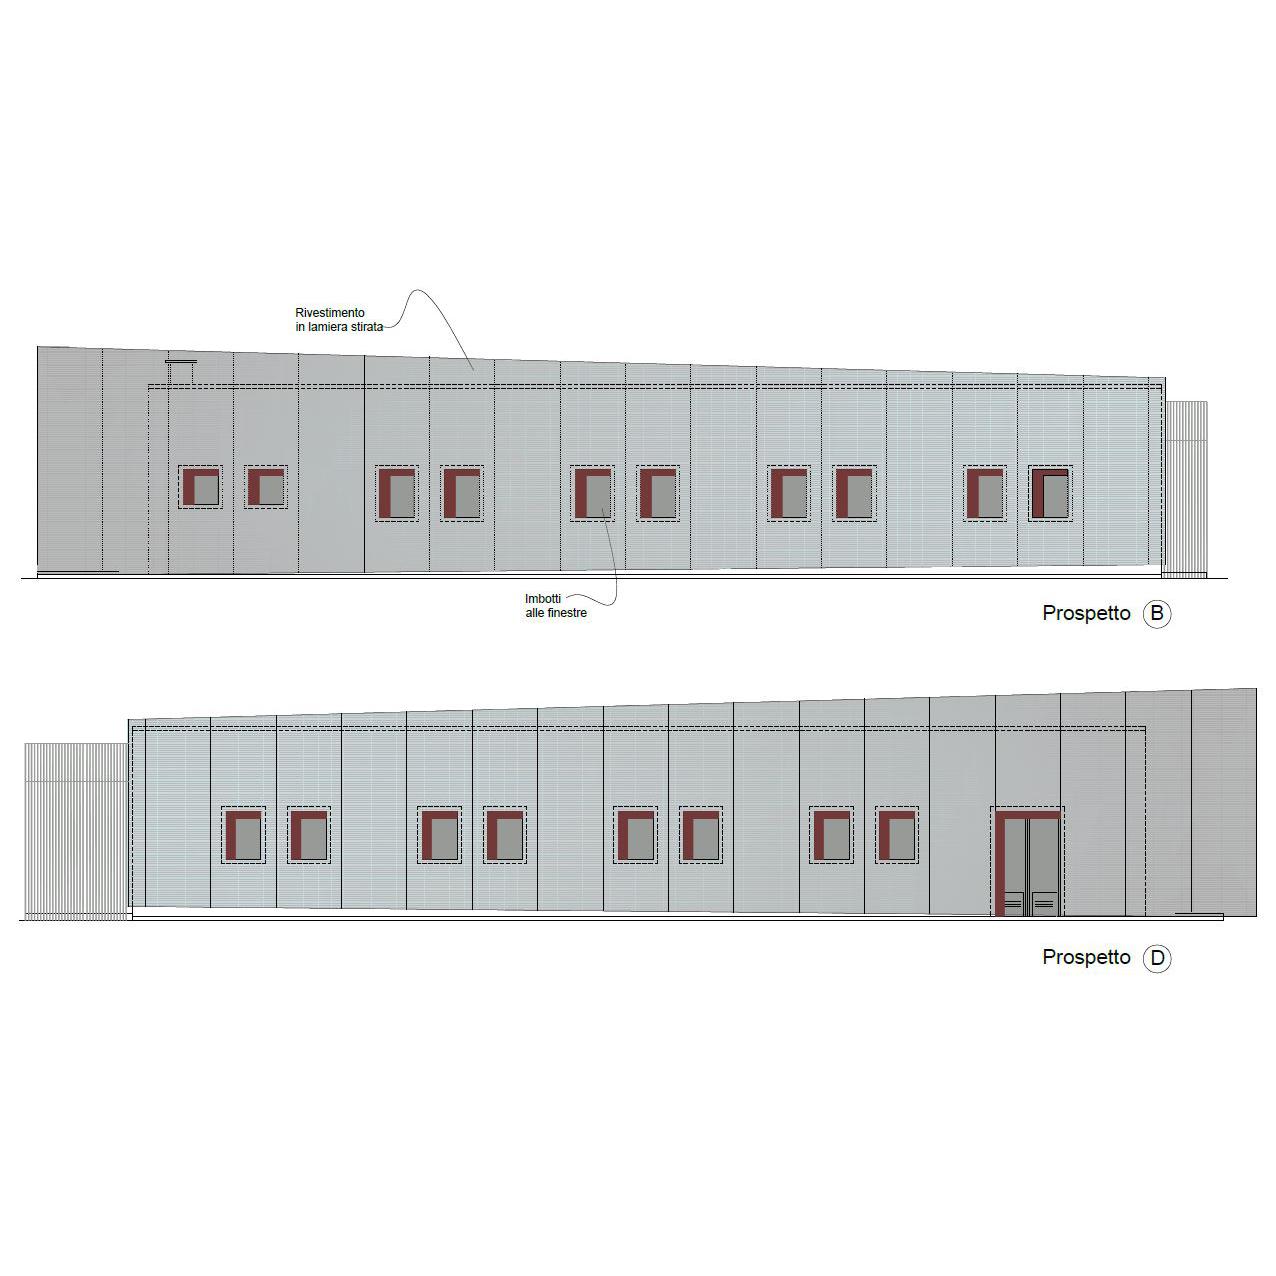 Super Squarcina | Restyling di un capannone industriale - Squarcina NZ61